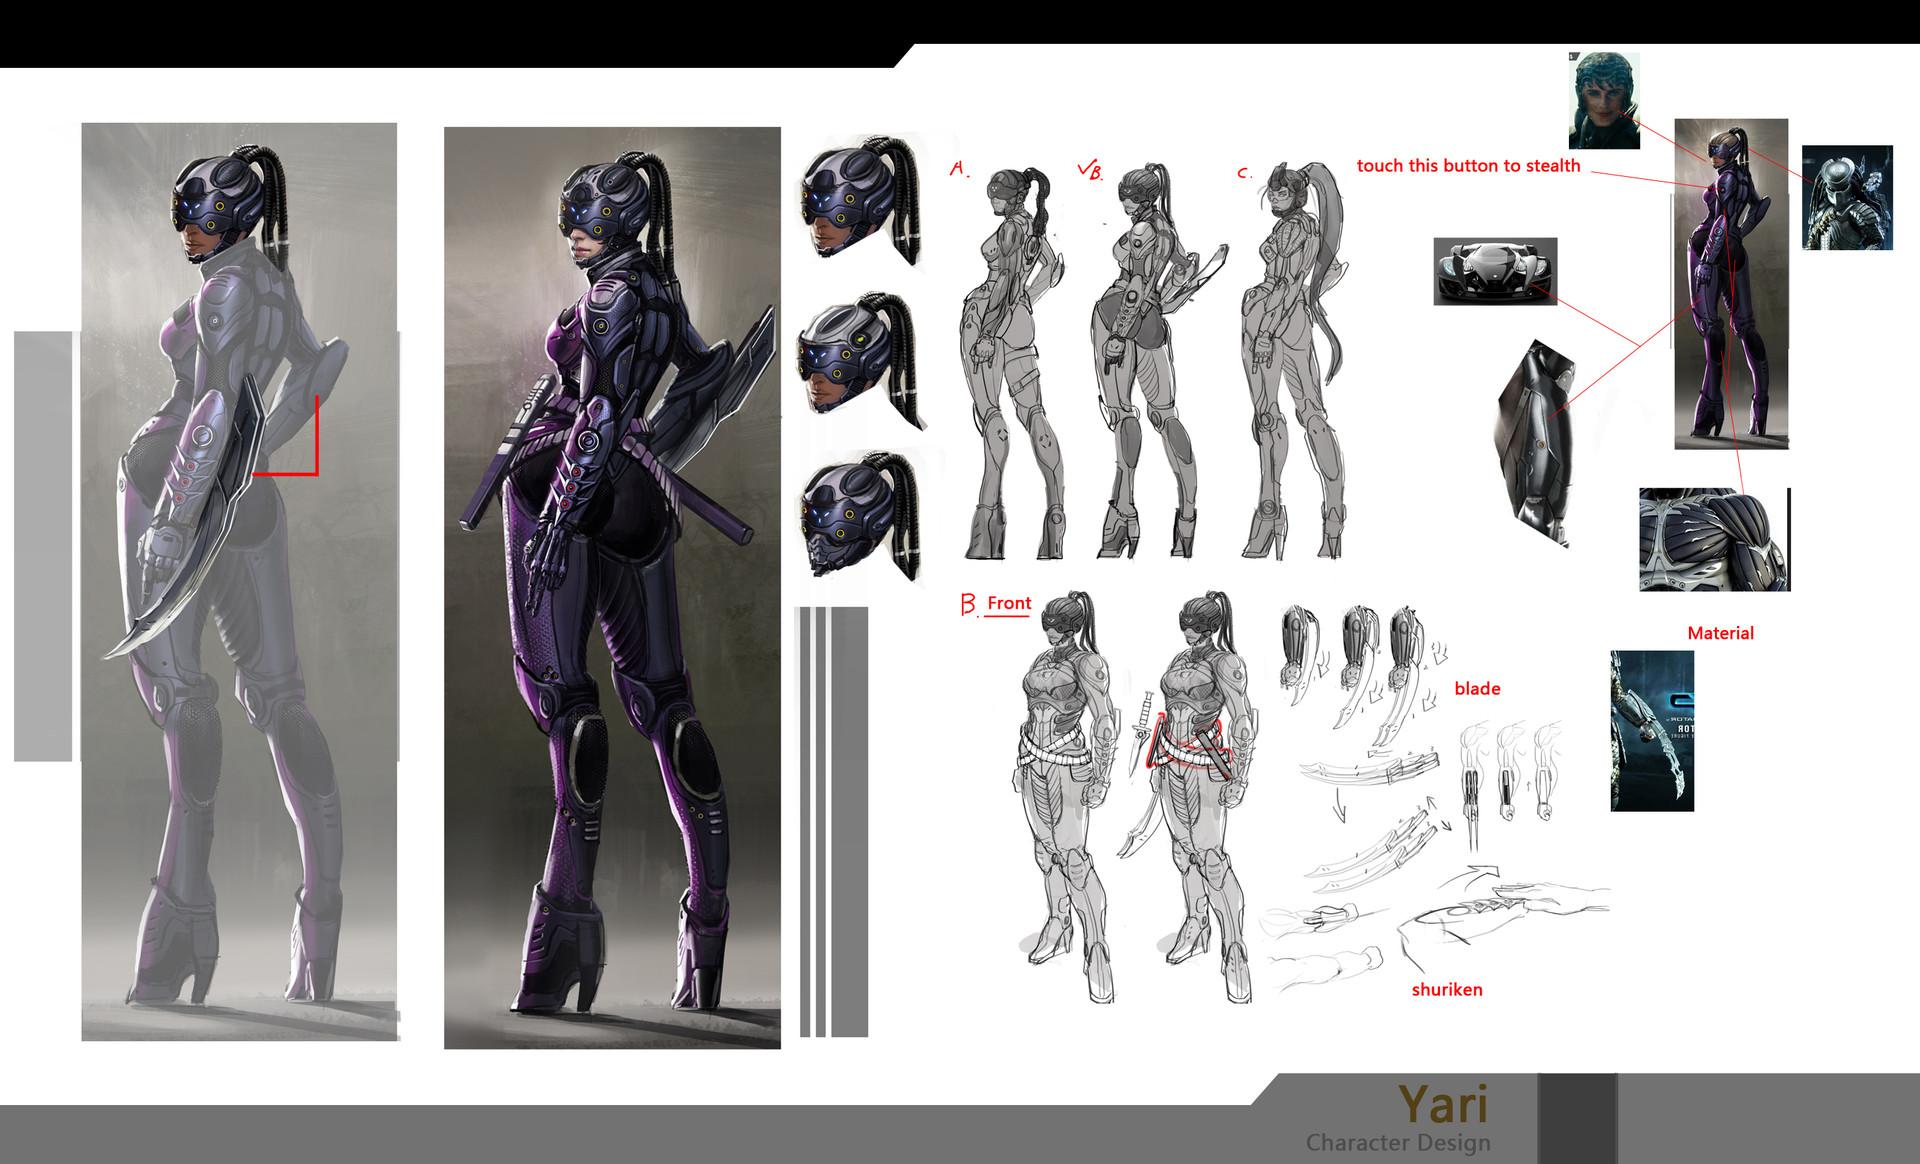 Lixin yin 4555